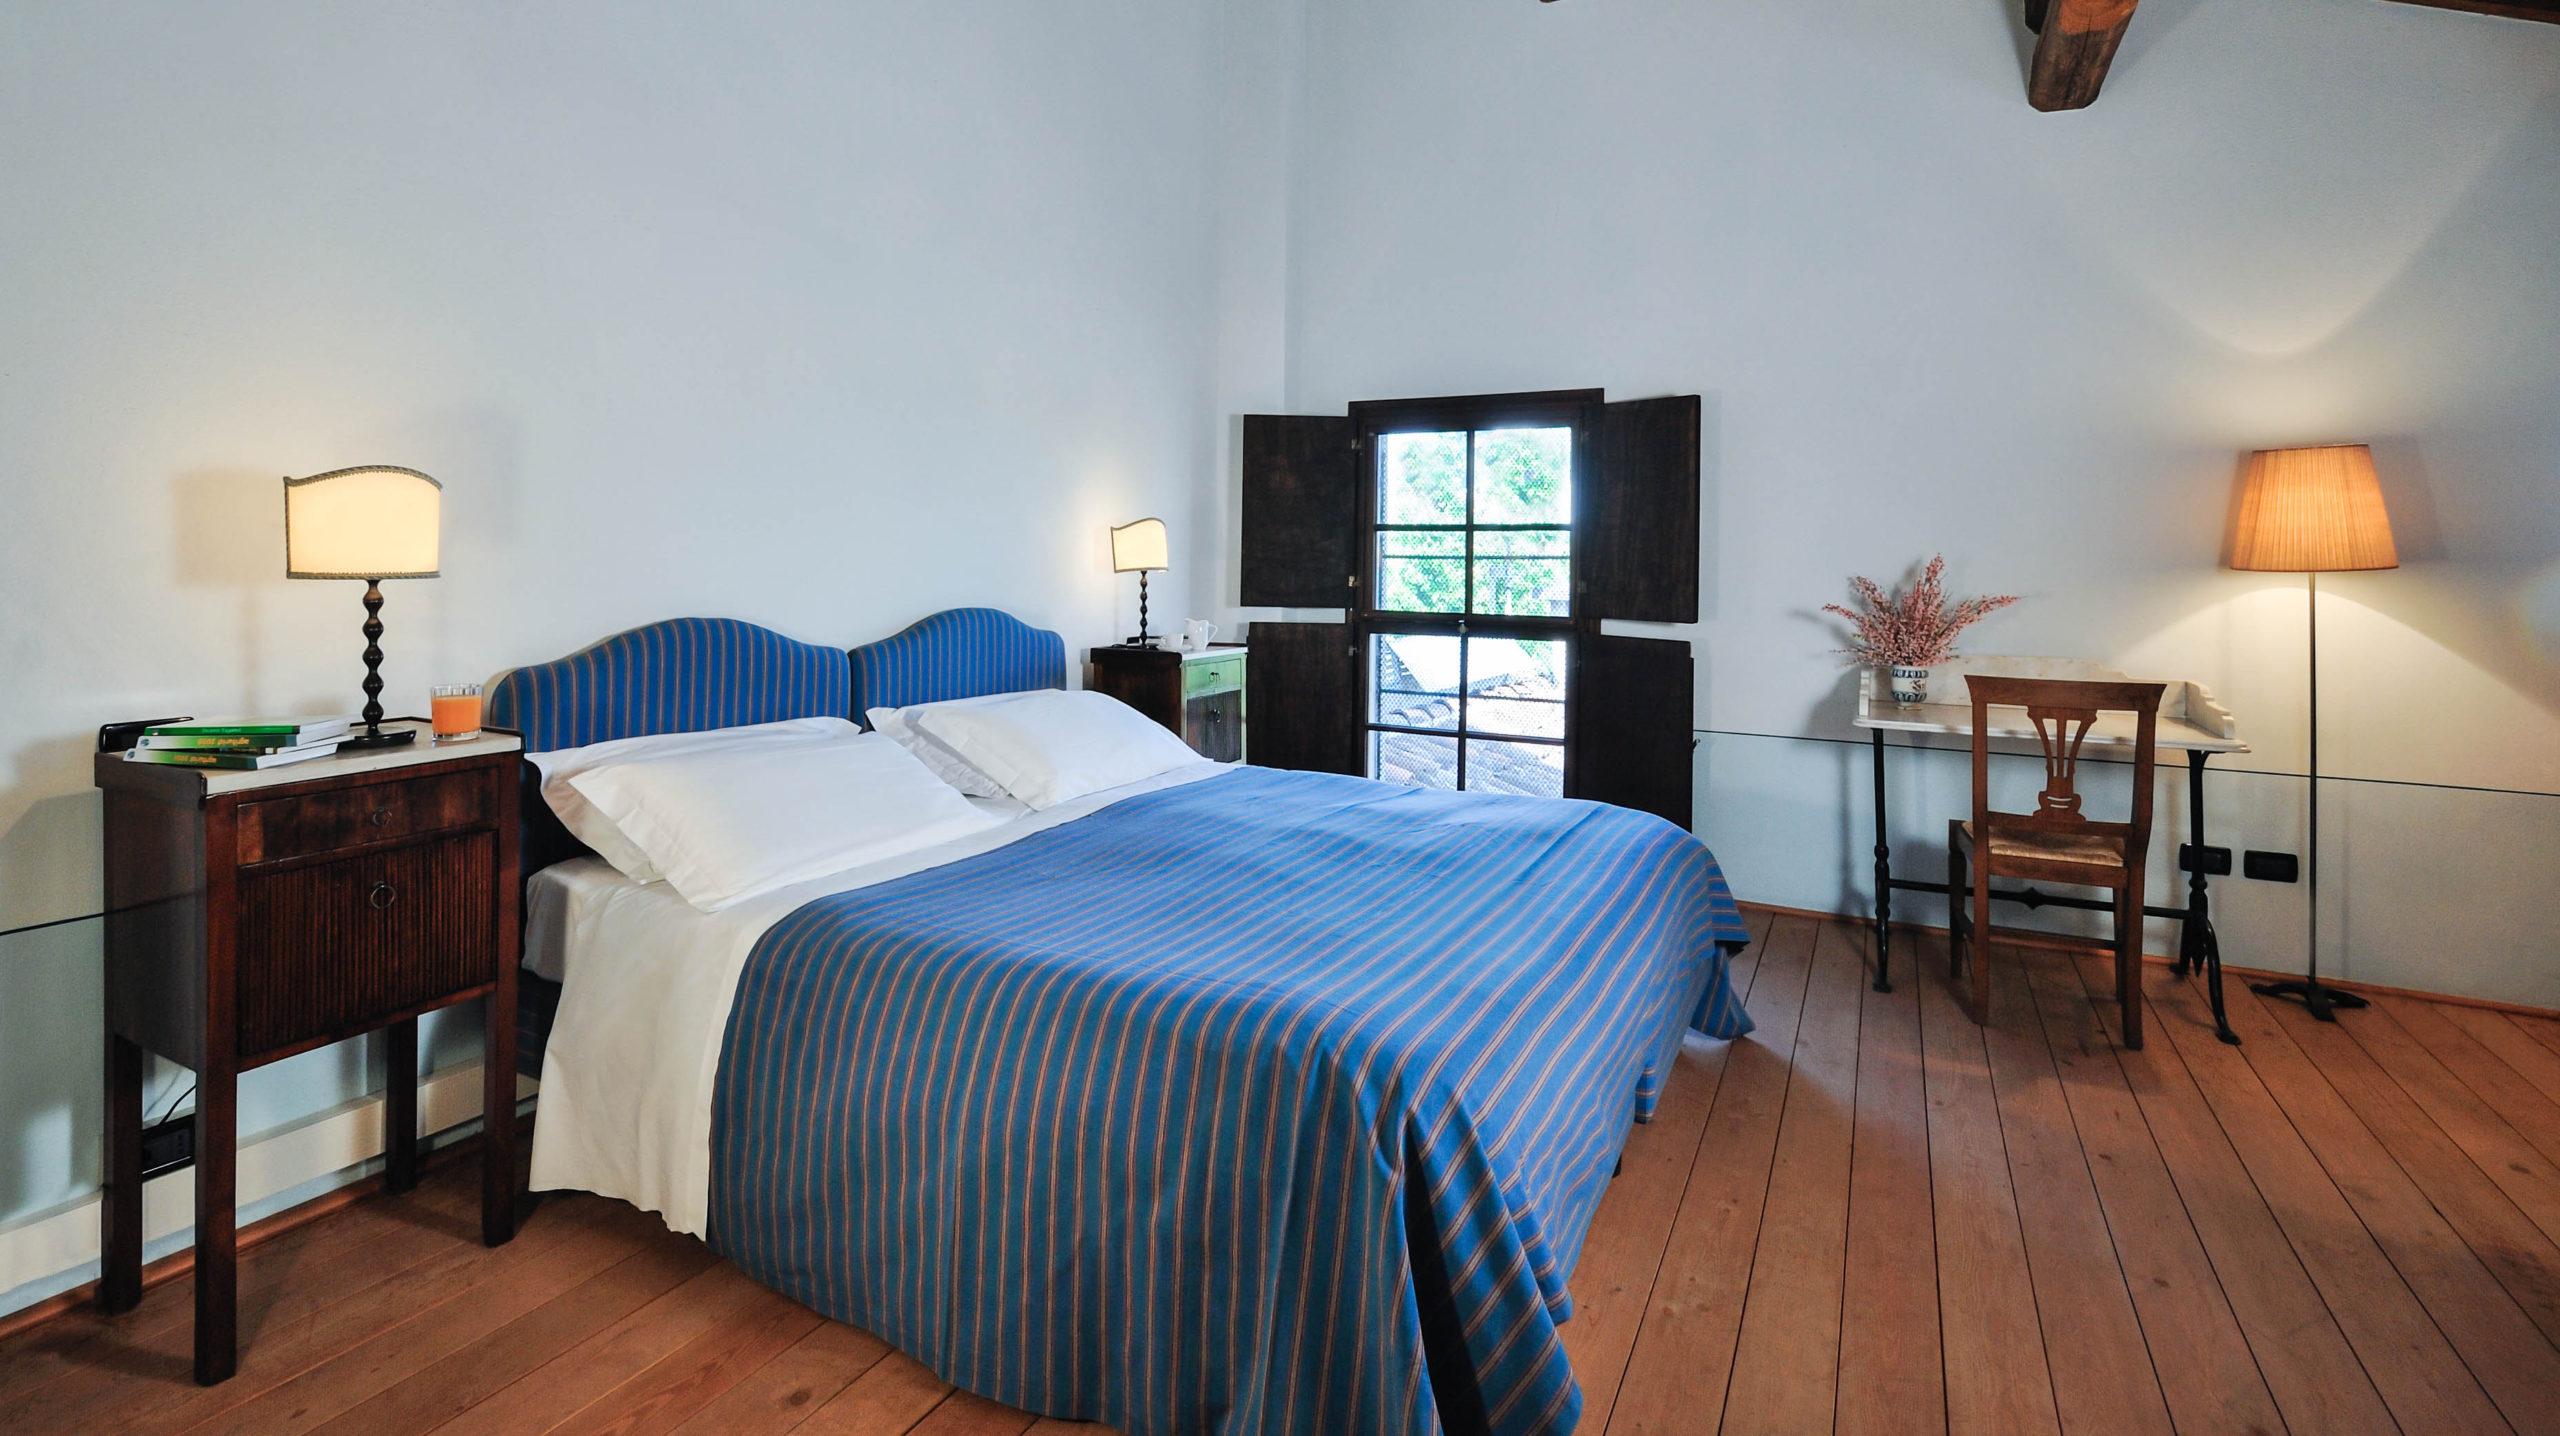 Vinca slaapkamer